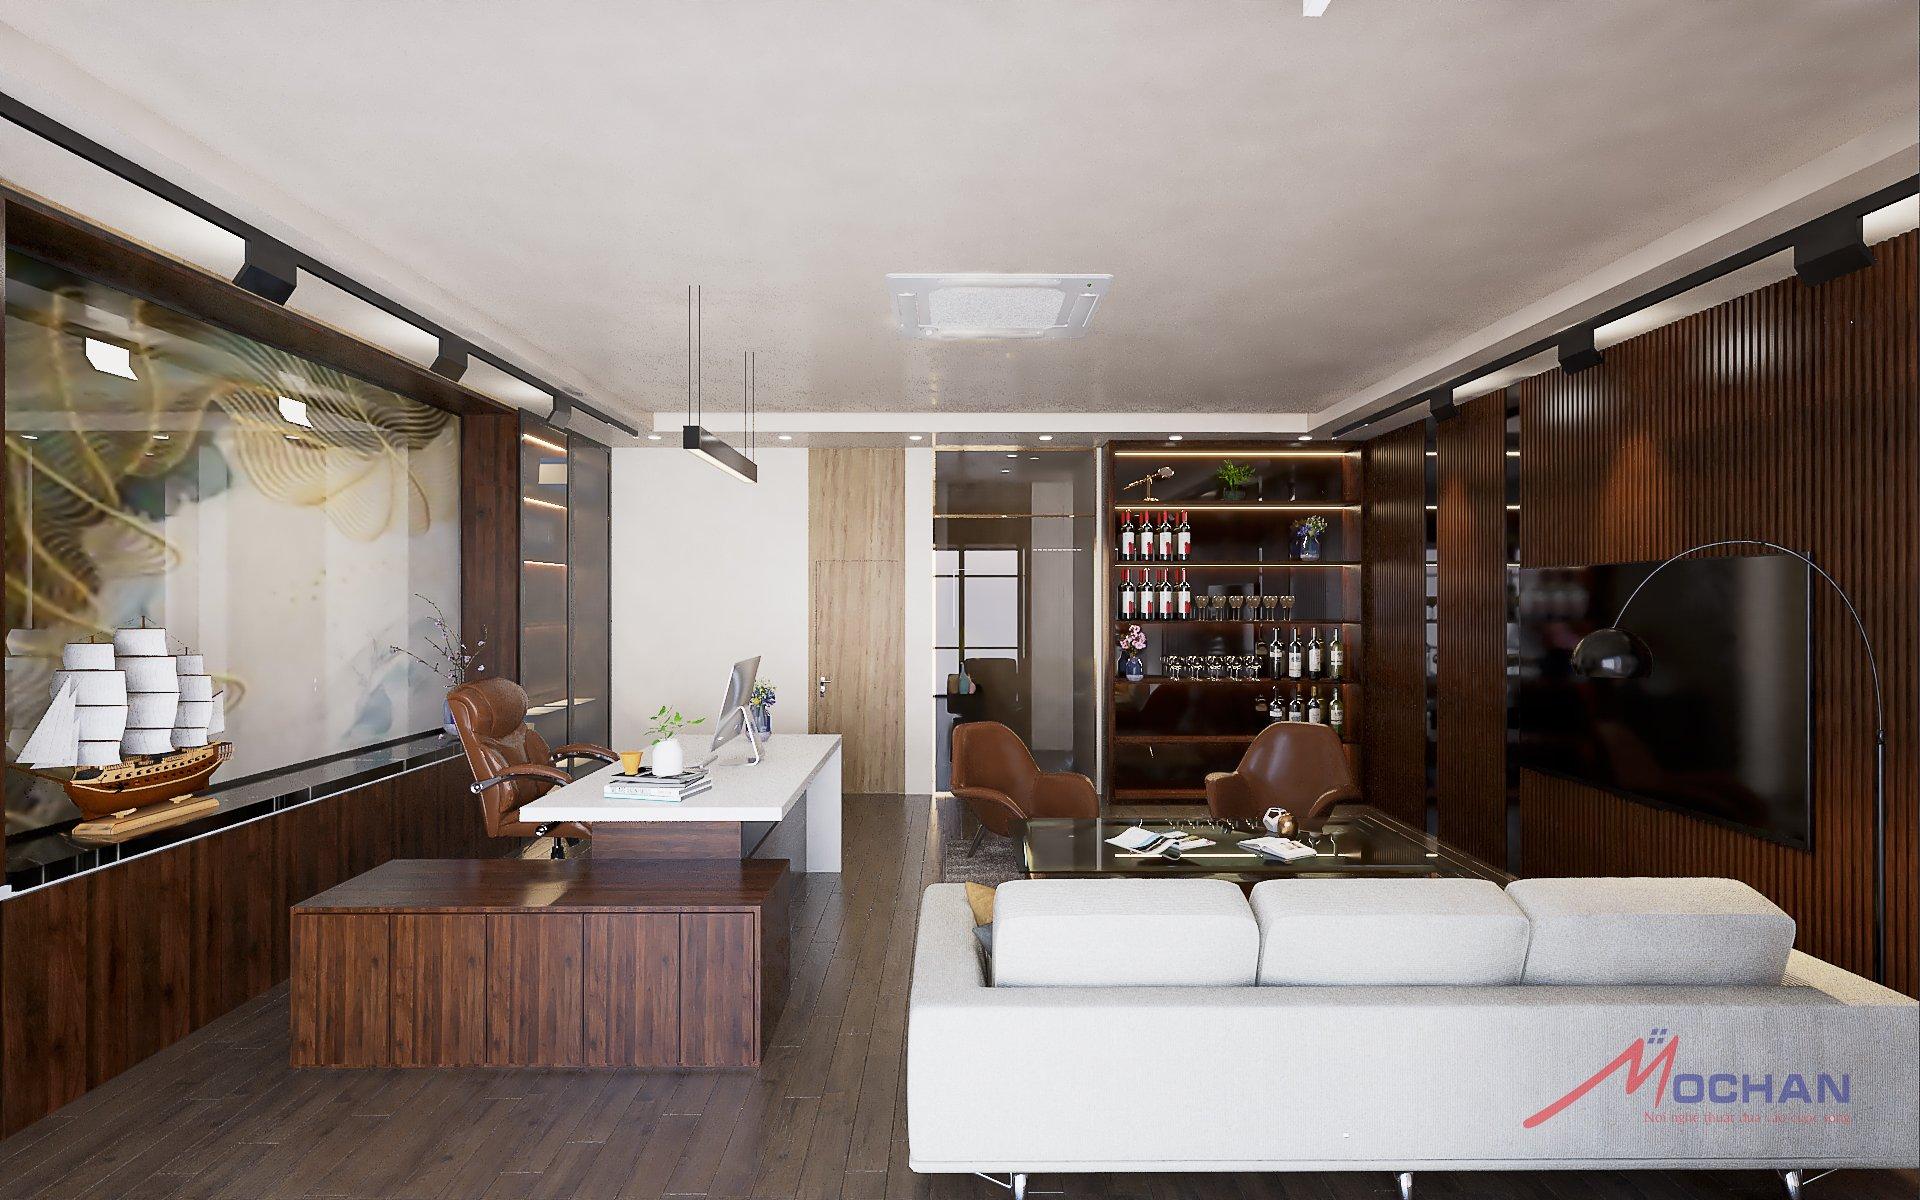 Thiết kế văn phòng 83 Hào Nam- Mộc Hân